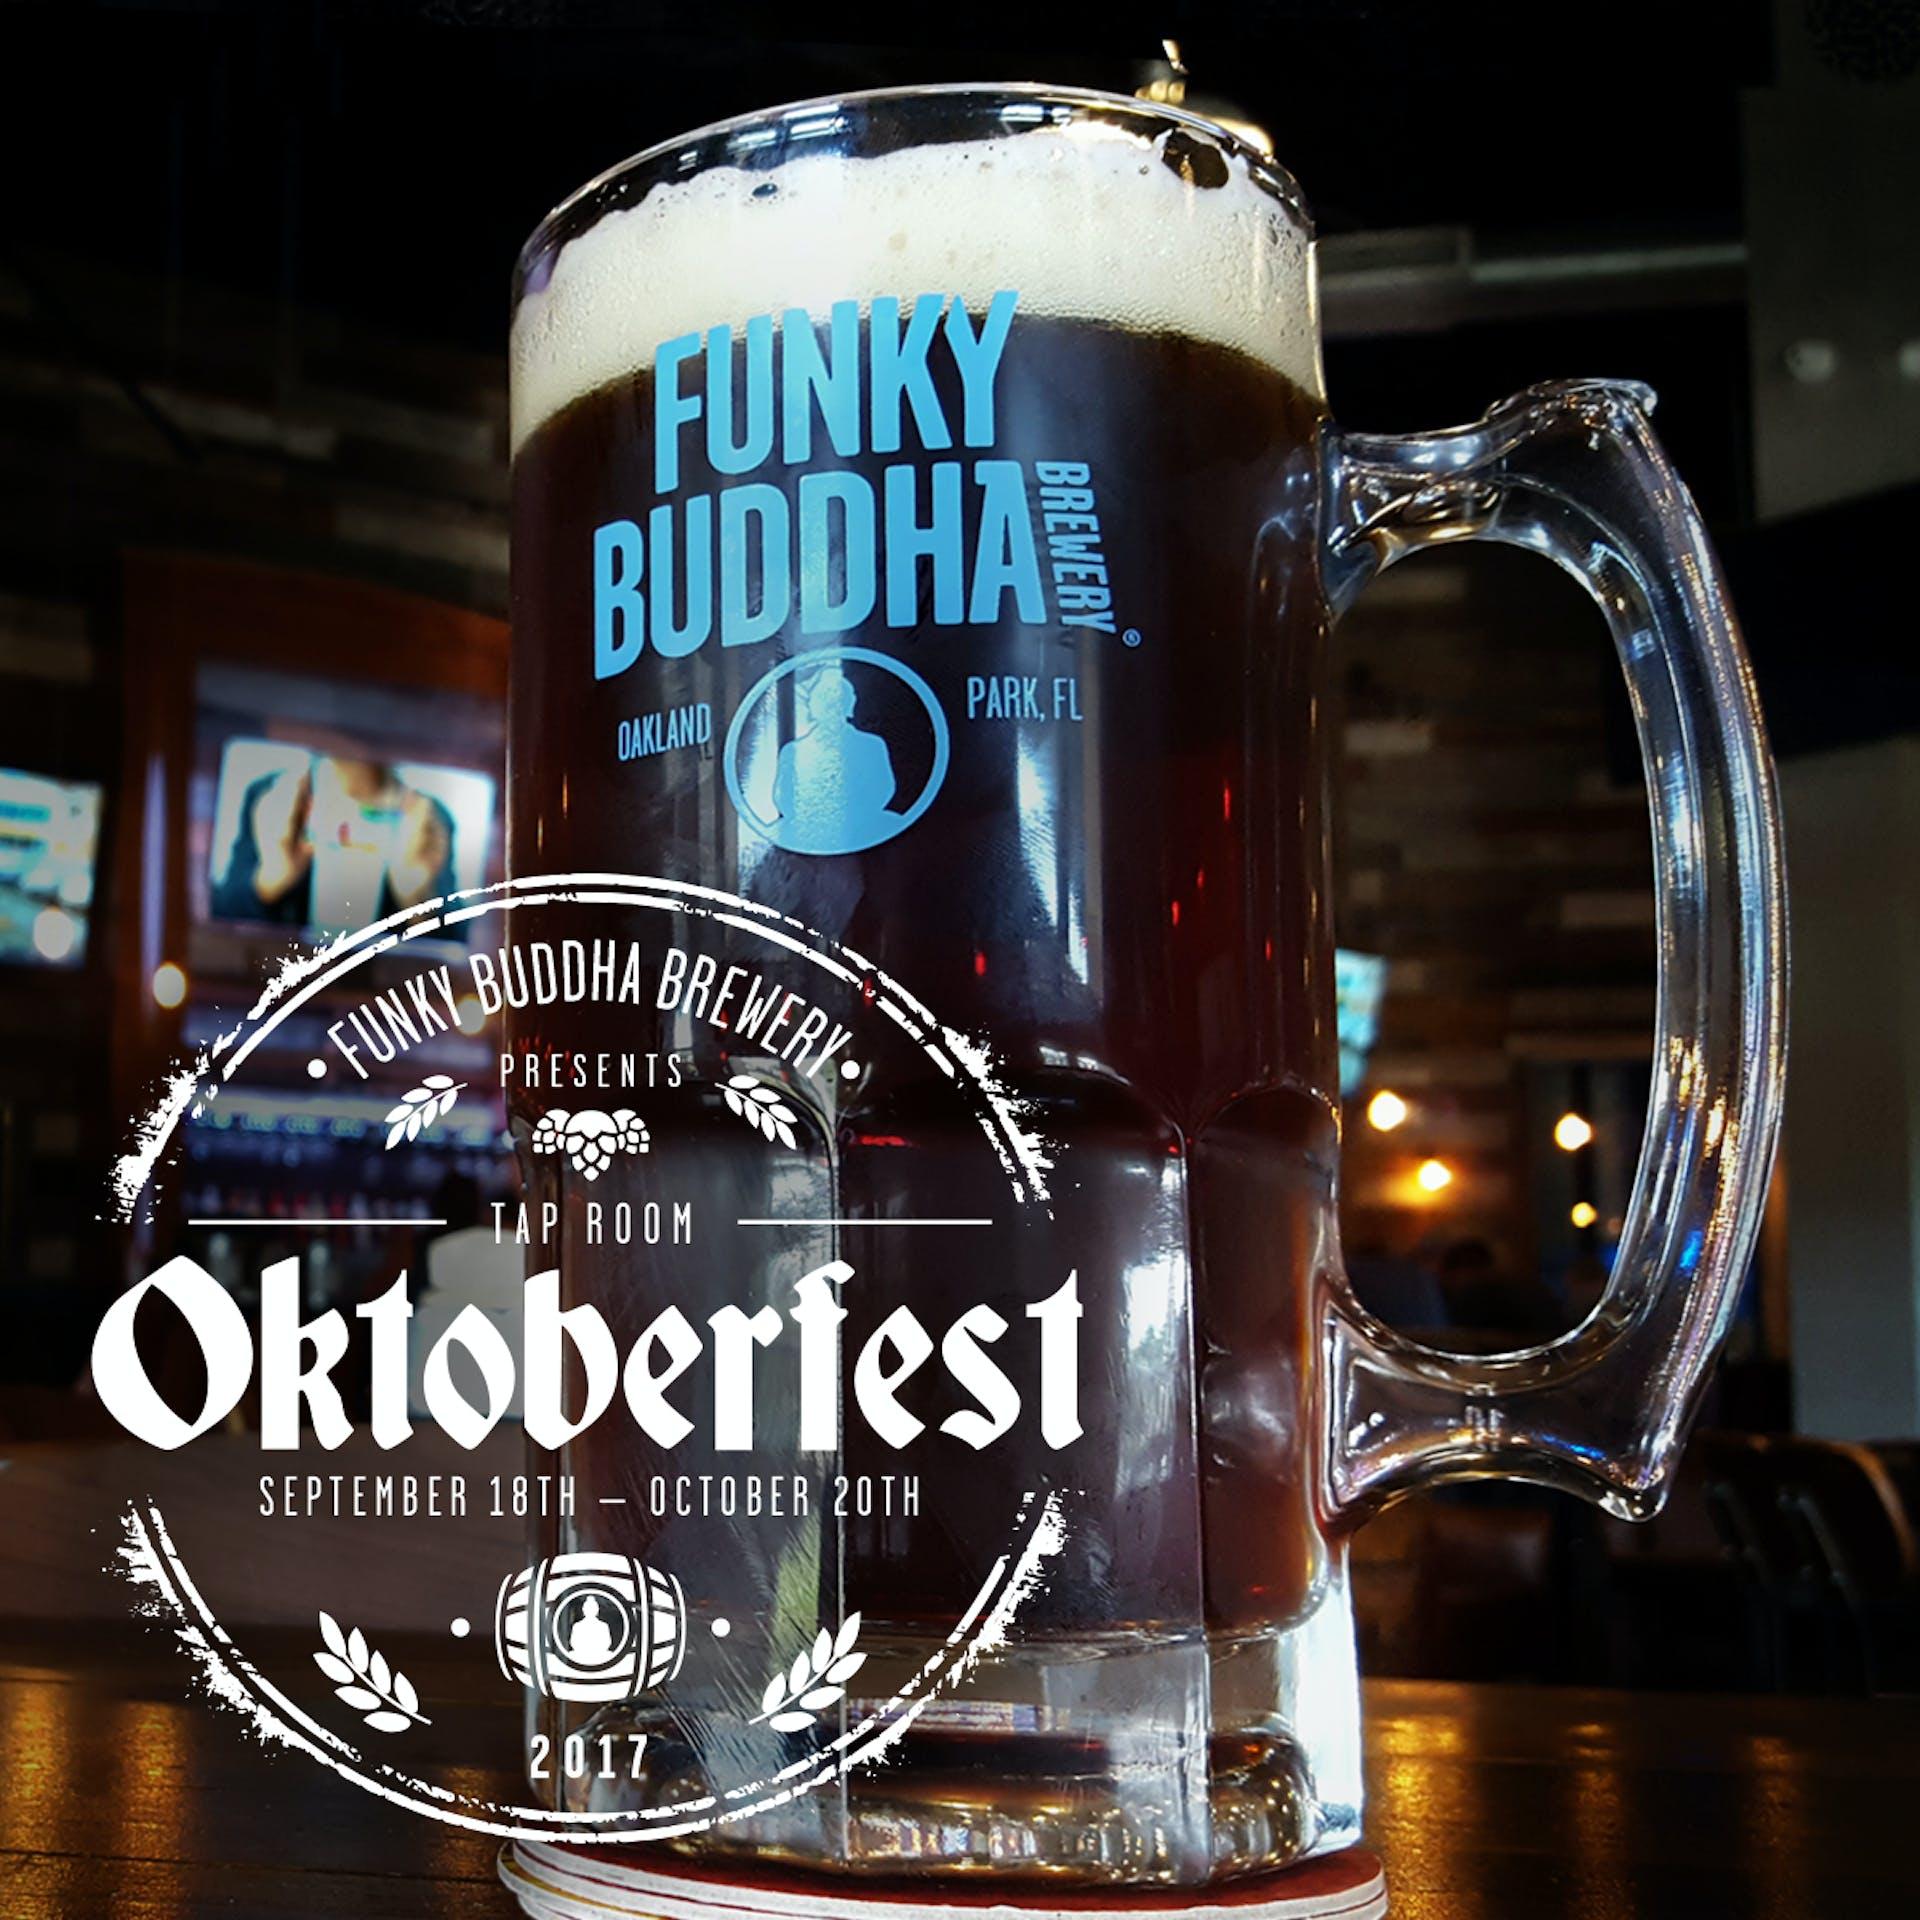 FBB_Oktoberfest_1200x1200_V1-1